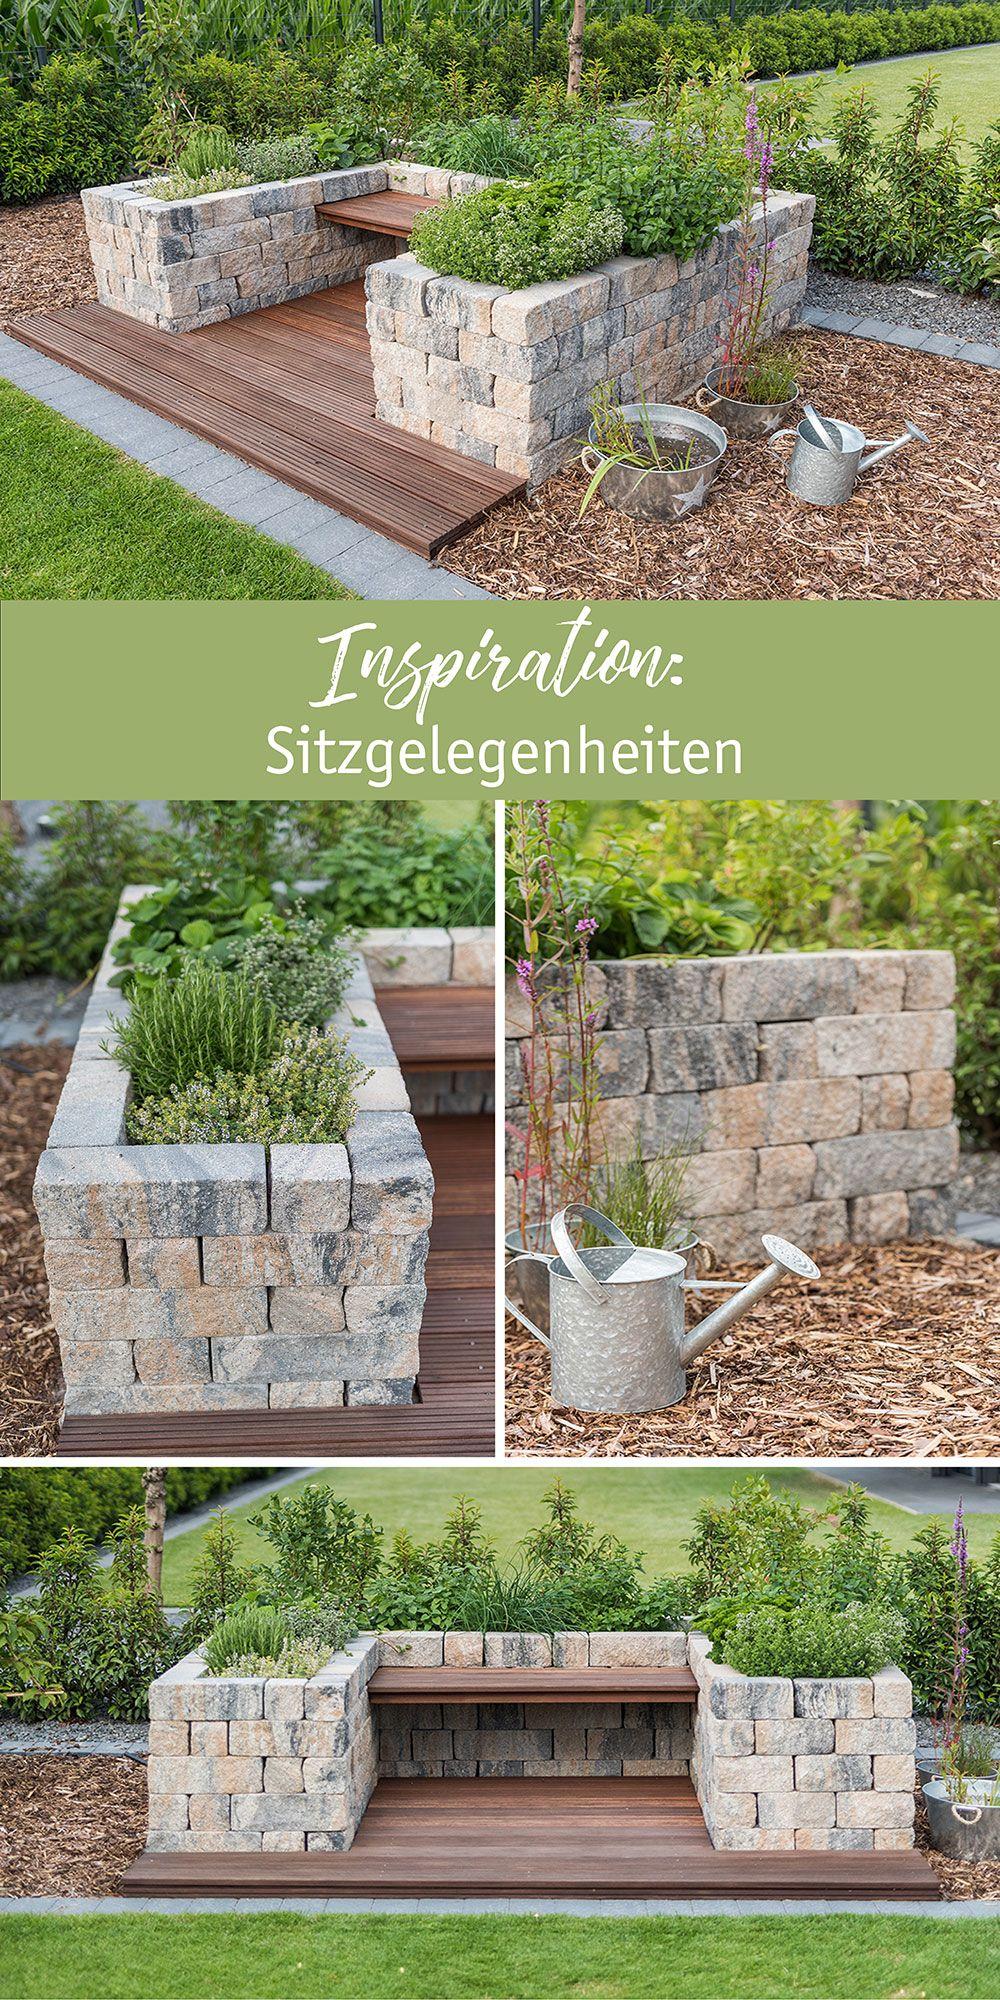 Gartengestaltung Mauersteine, inspiration: sitzgelegenheiten aus mauersteinen mit der siola® mini, Design ideen